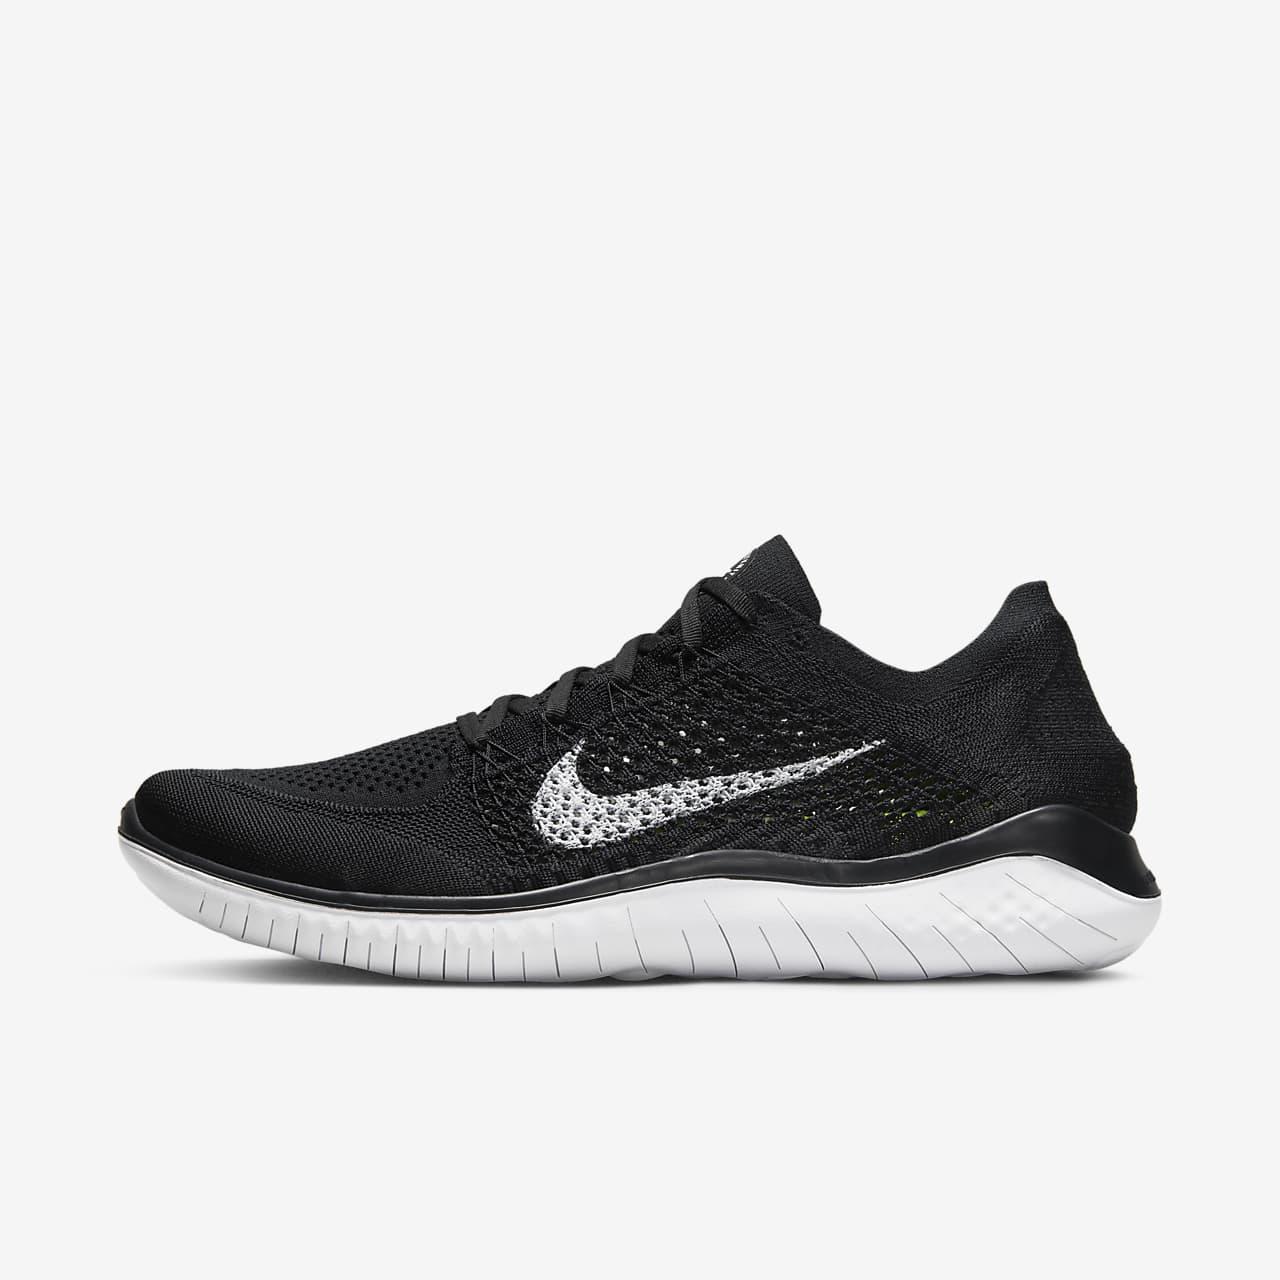 Nike Free RN Flyknit 2018 NERO ANTRACITE Uomo Scarpe da Ginnastica tutte le